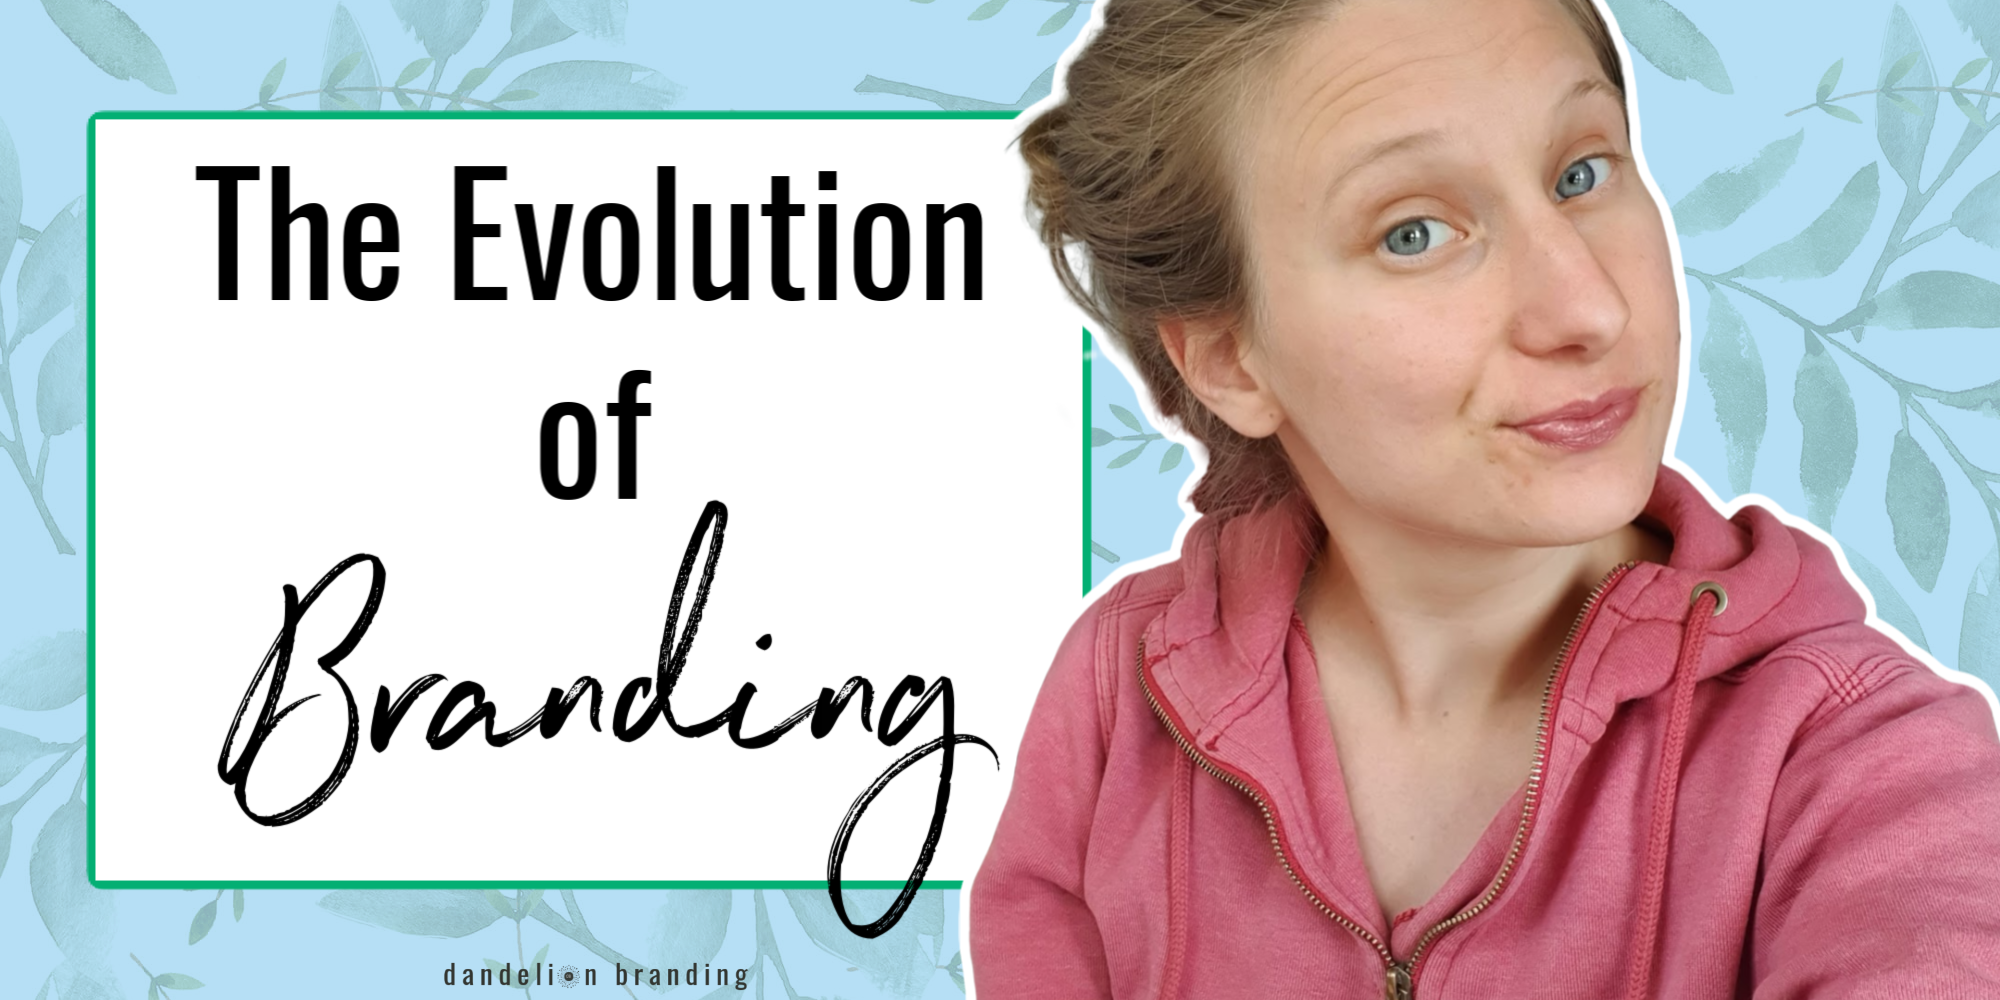 The evolution of branding